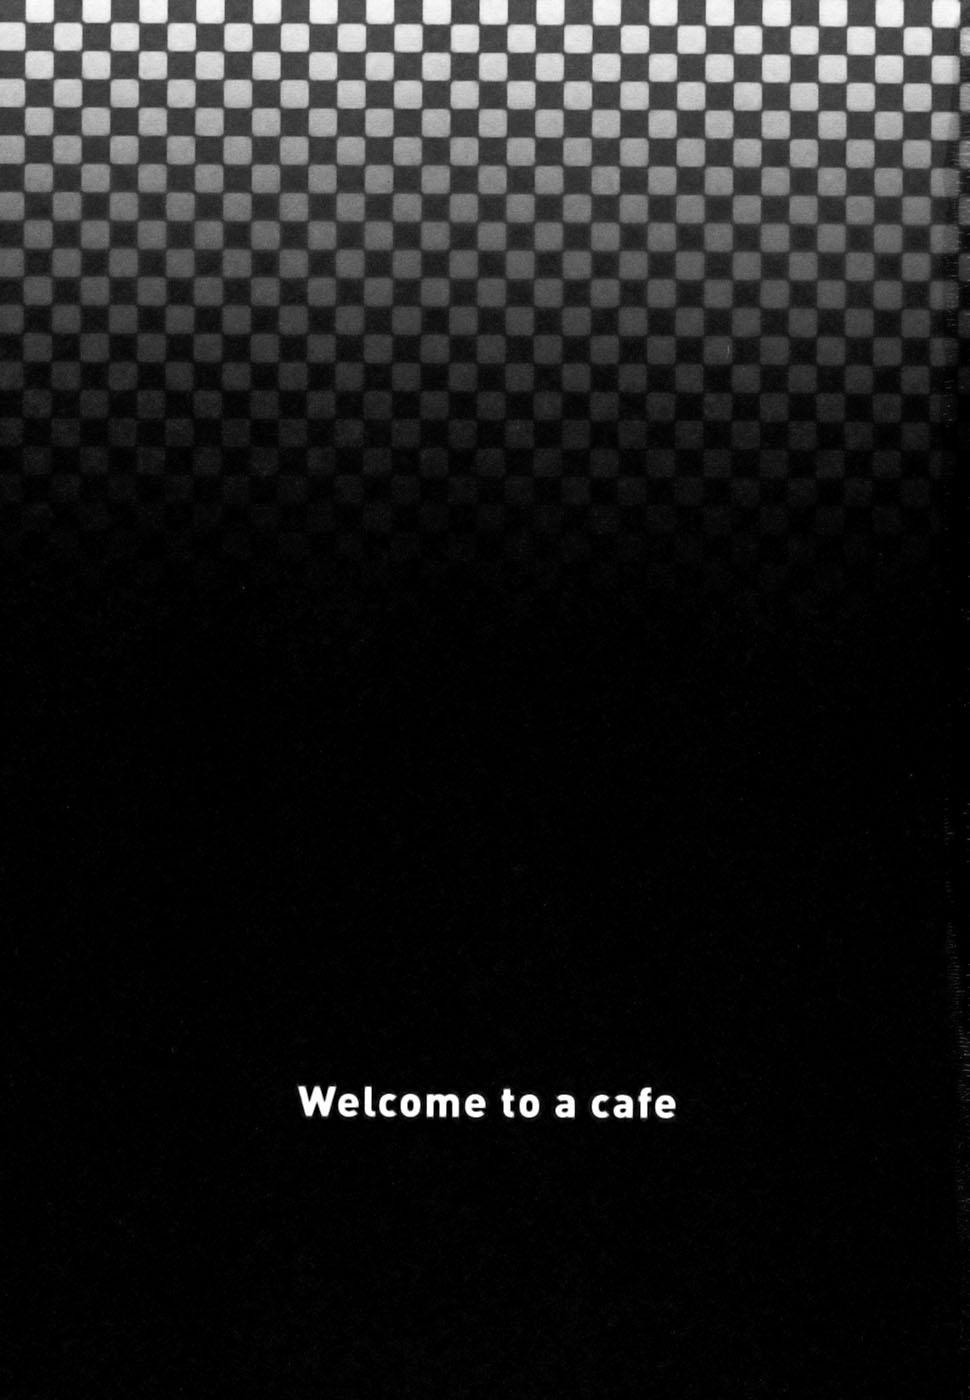 Cafe e Youkoso 2